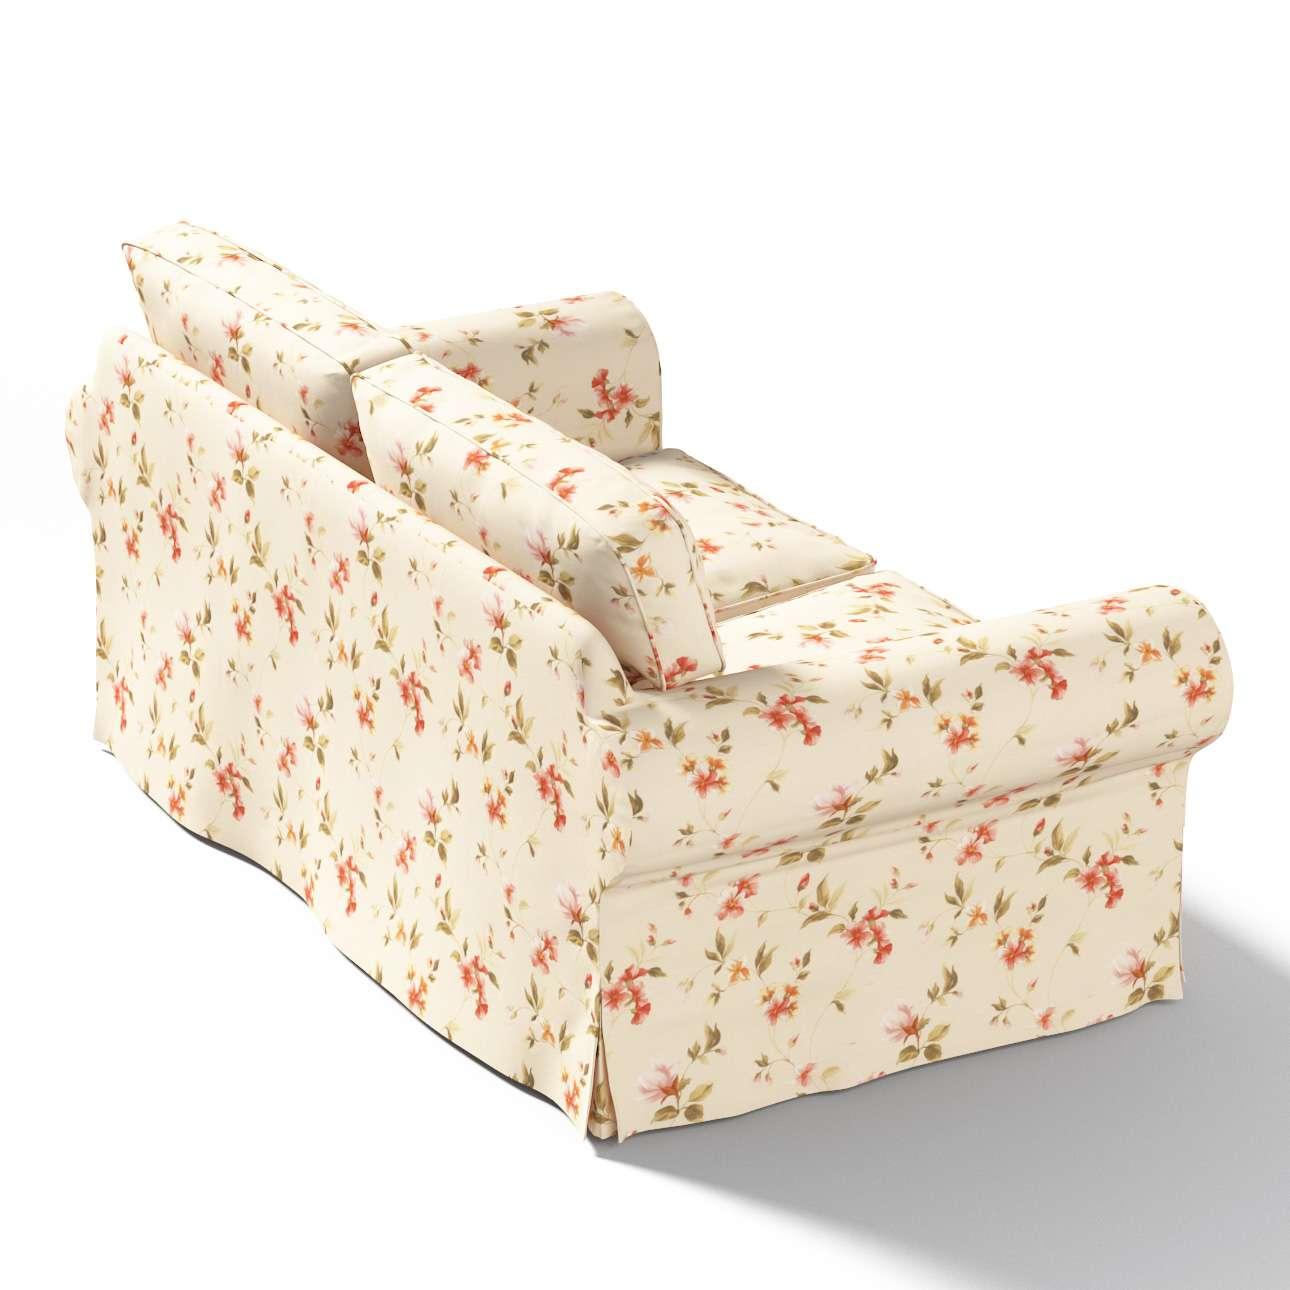 Potah na pohovku IKEA  Ektorp 2-místná, nerozkládací pohovka Ektorp 2-místná v kolekci Londres, látka: 124-05